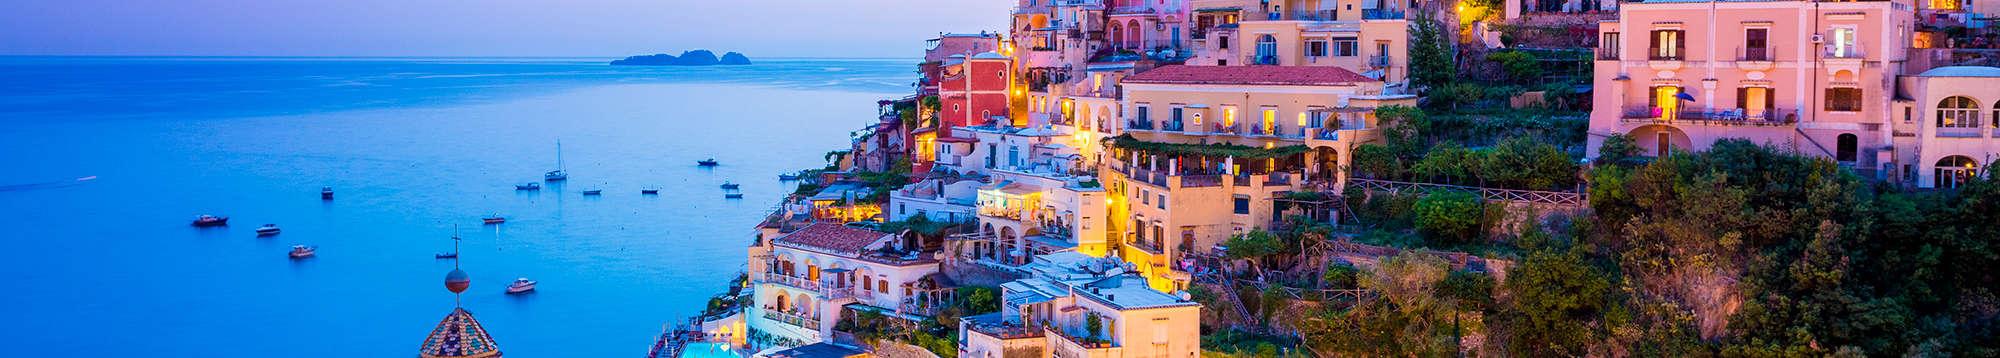 Week end e soggiorni nella Costiera Amalfitana